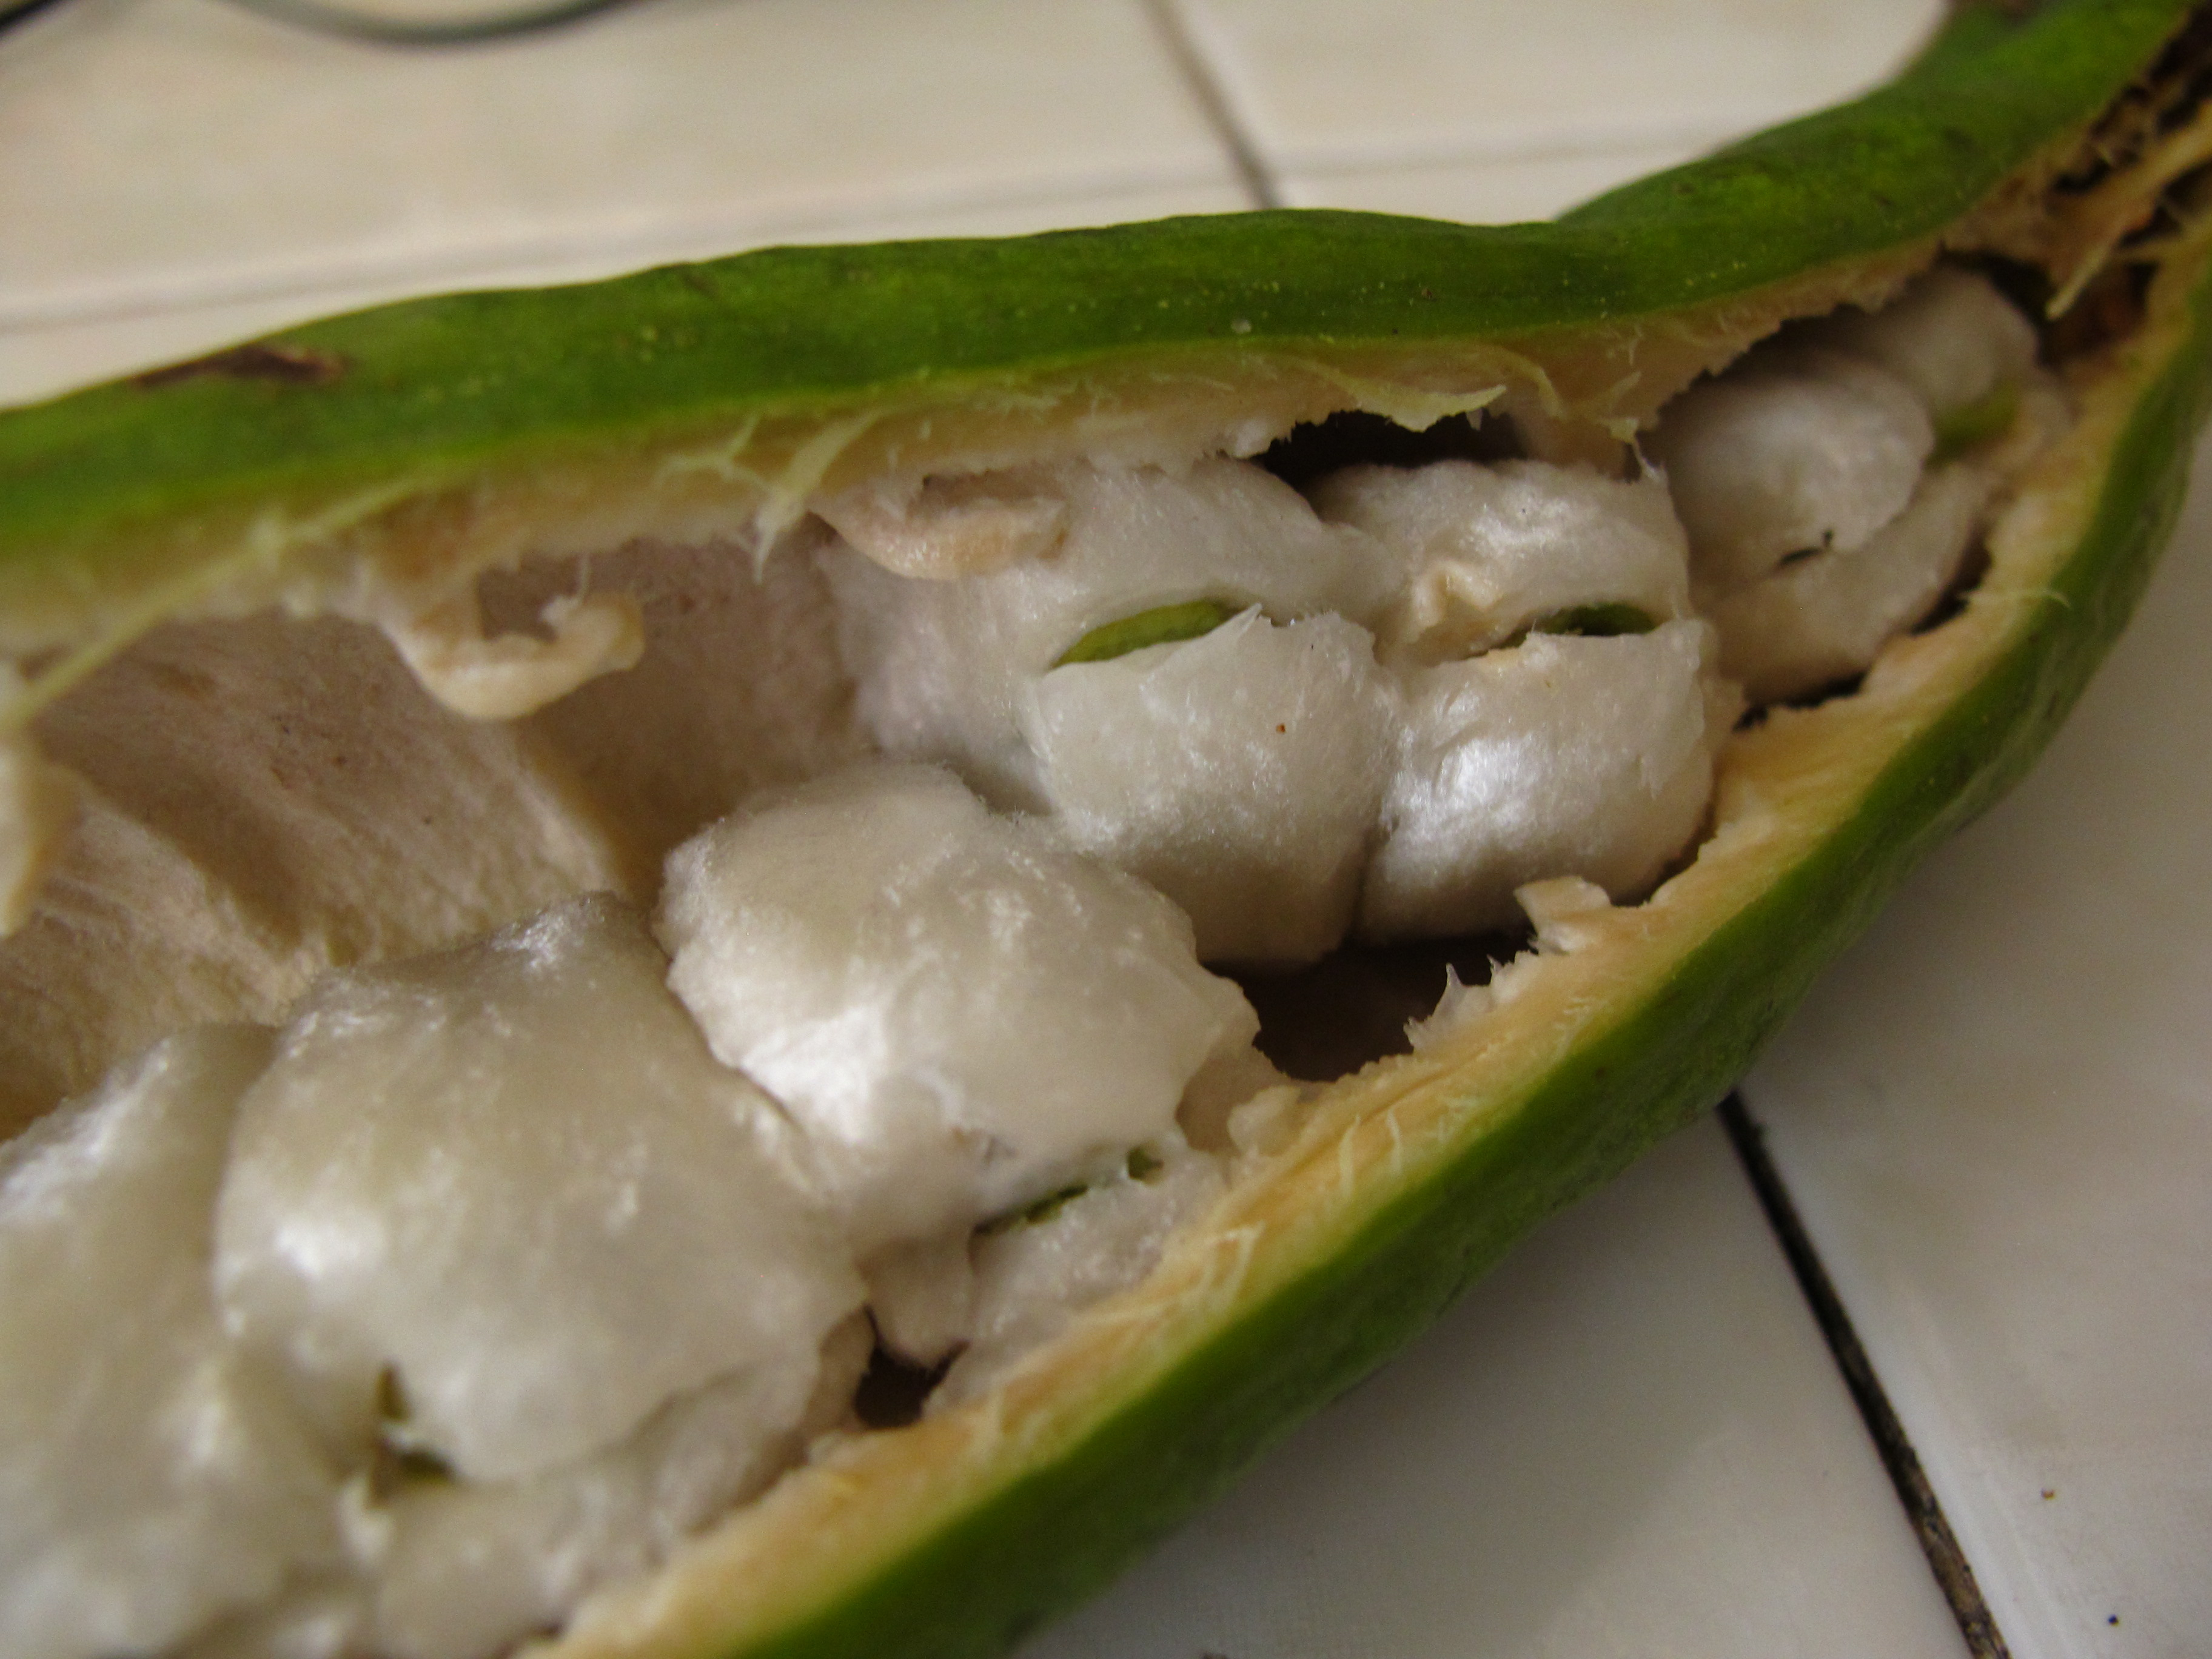 Frutas mexicanas, jinicuil